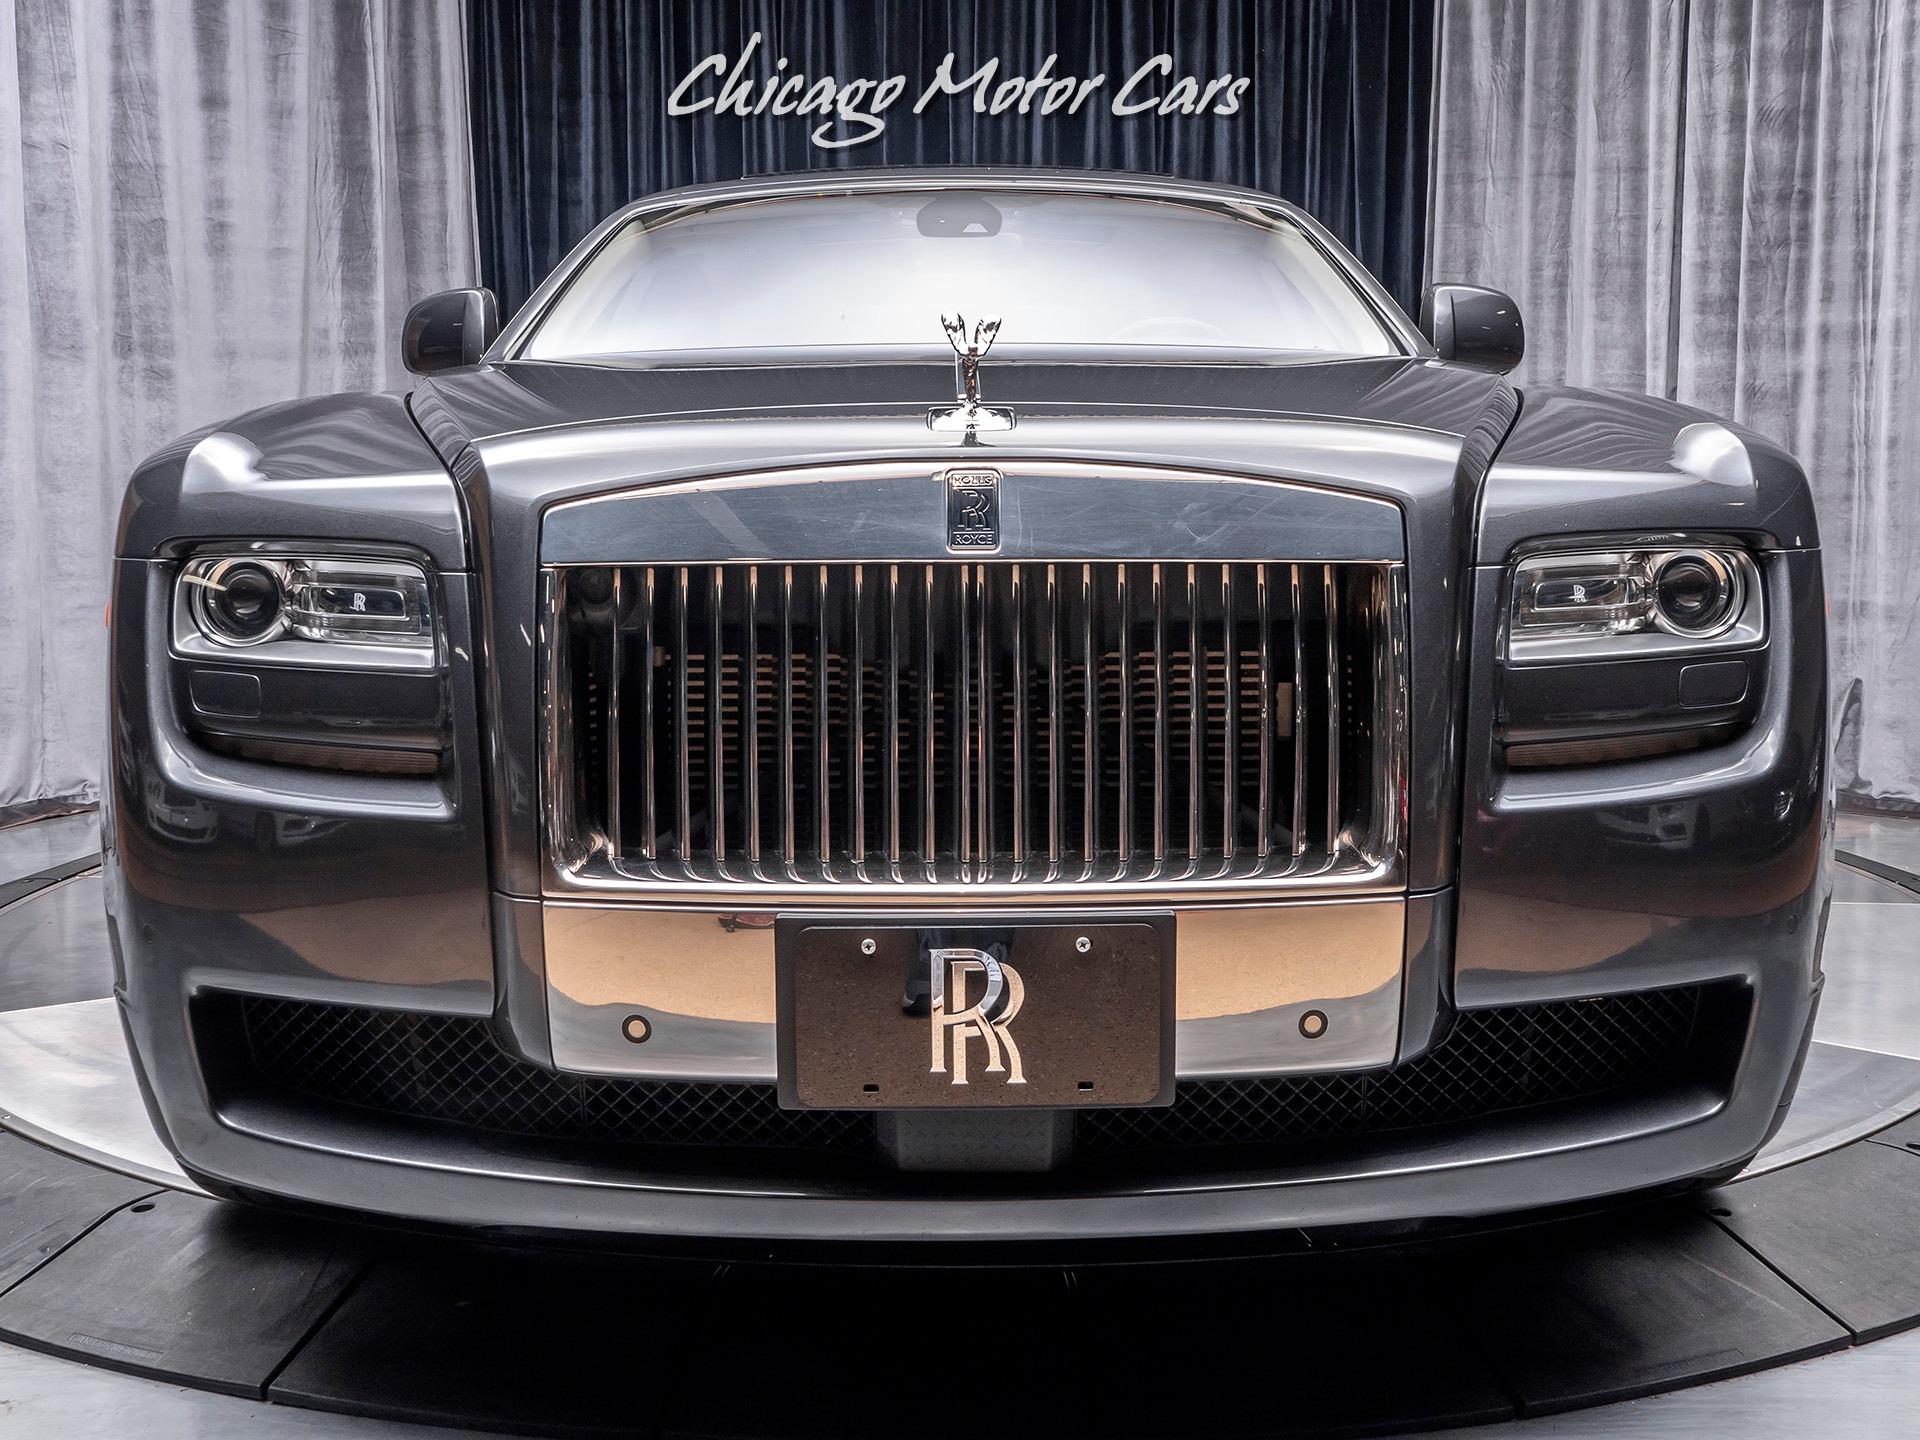 Used-2011-Rolls-Royce-Ghost-Sedan-Original-MSRP-319150